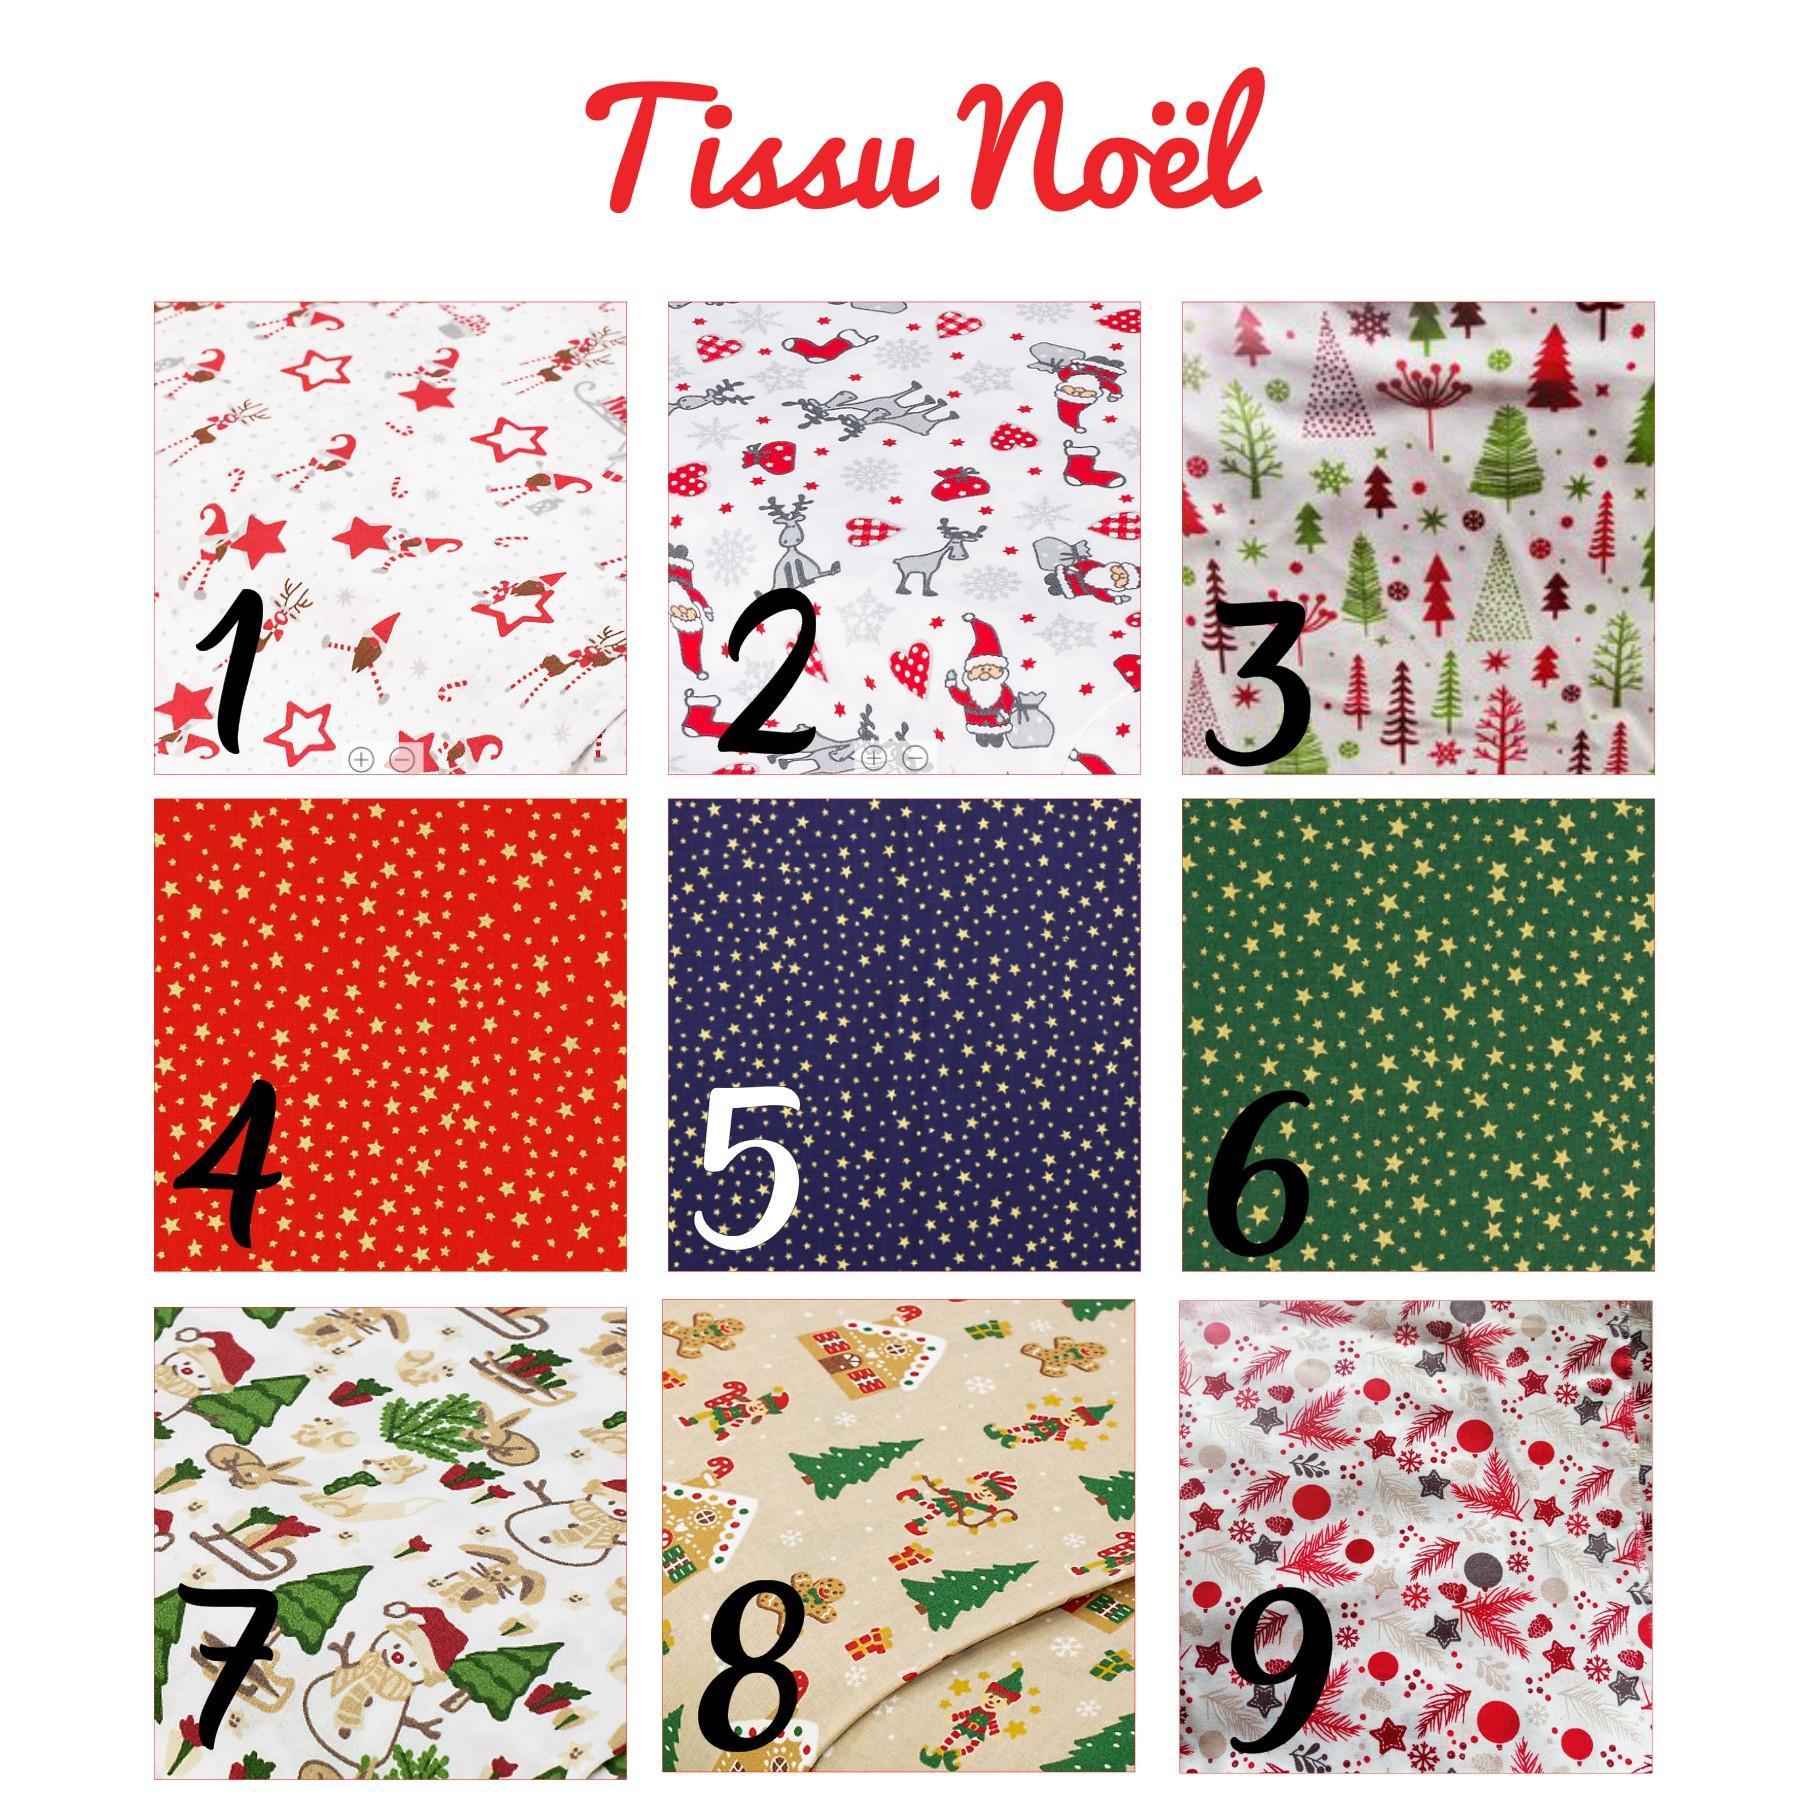 Tissu noel 1